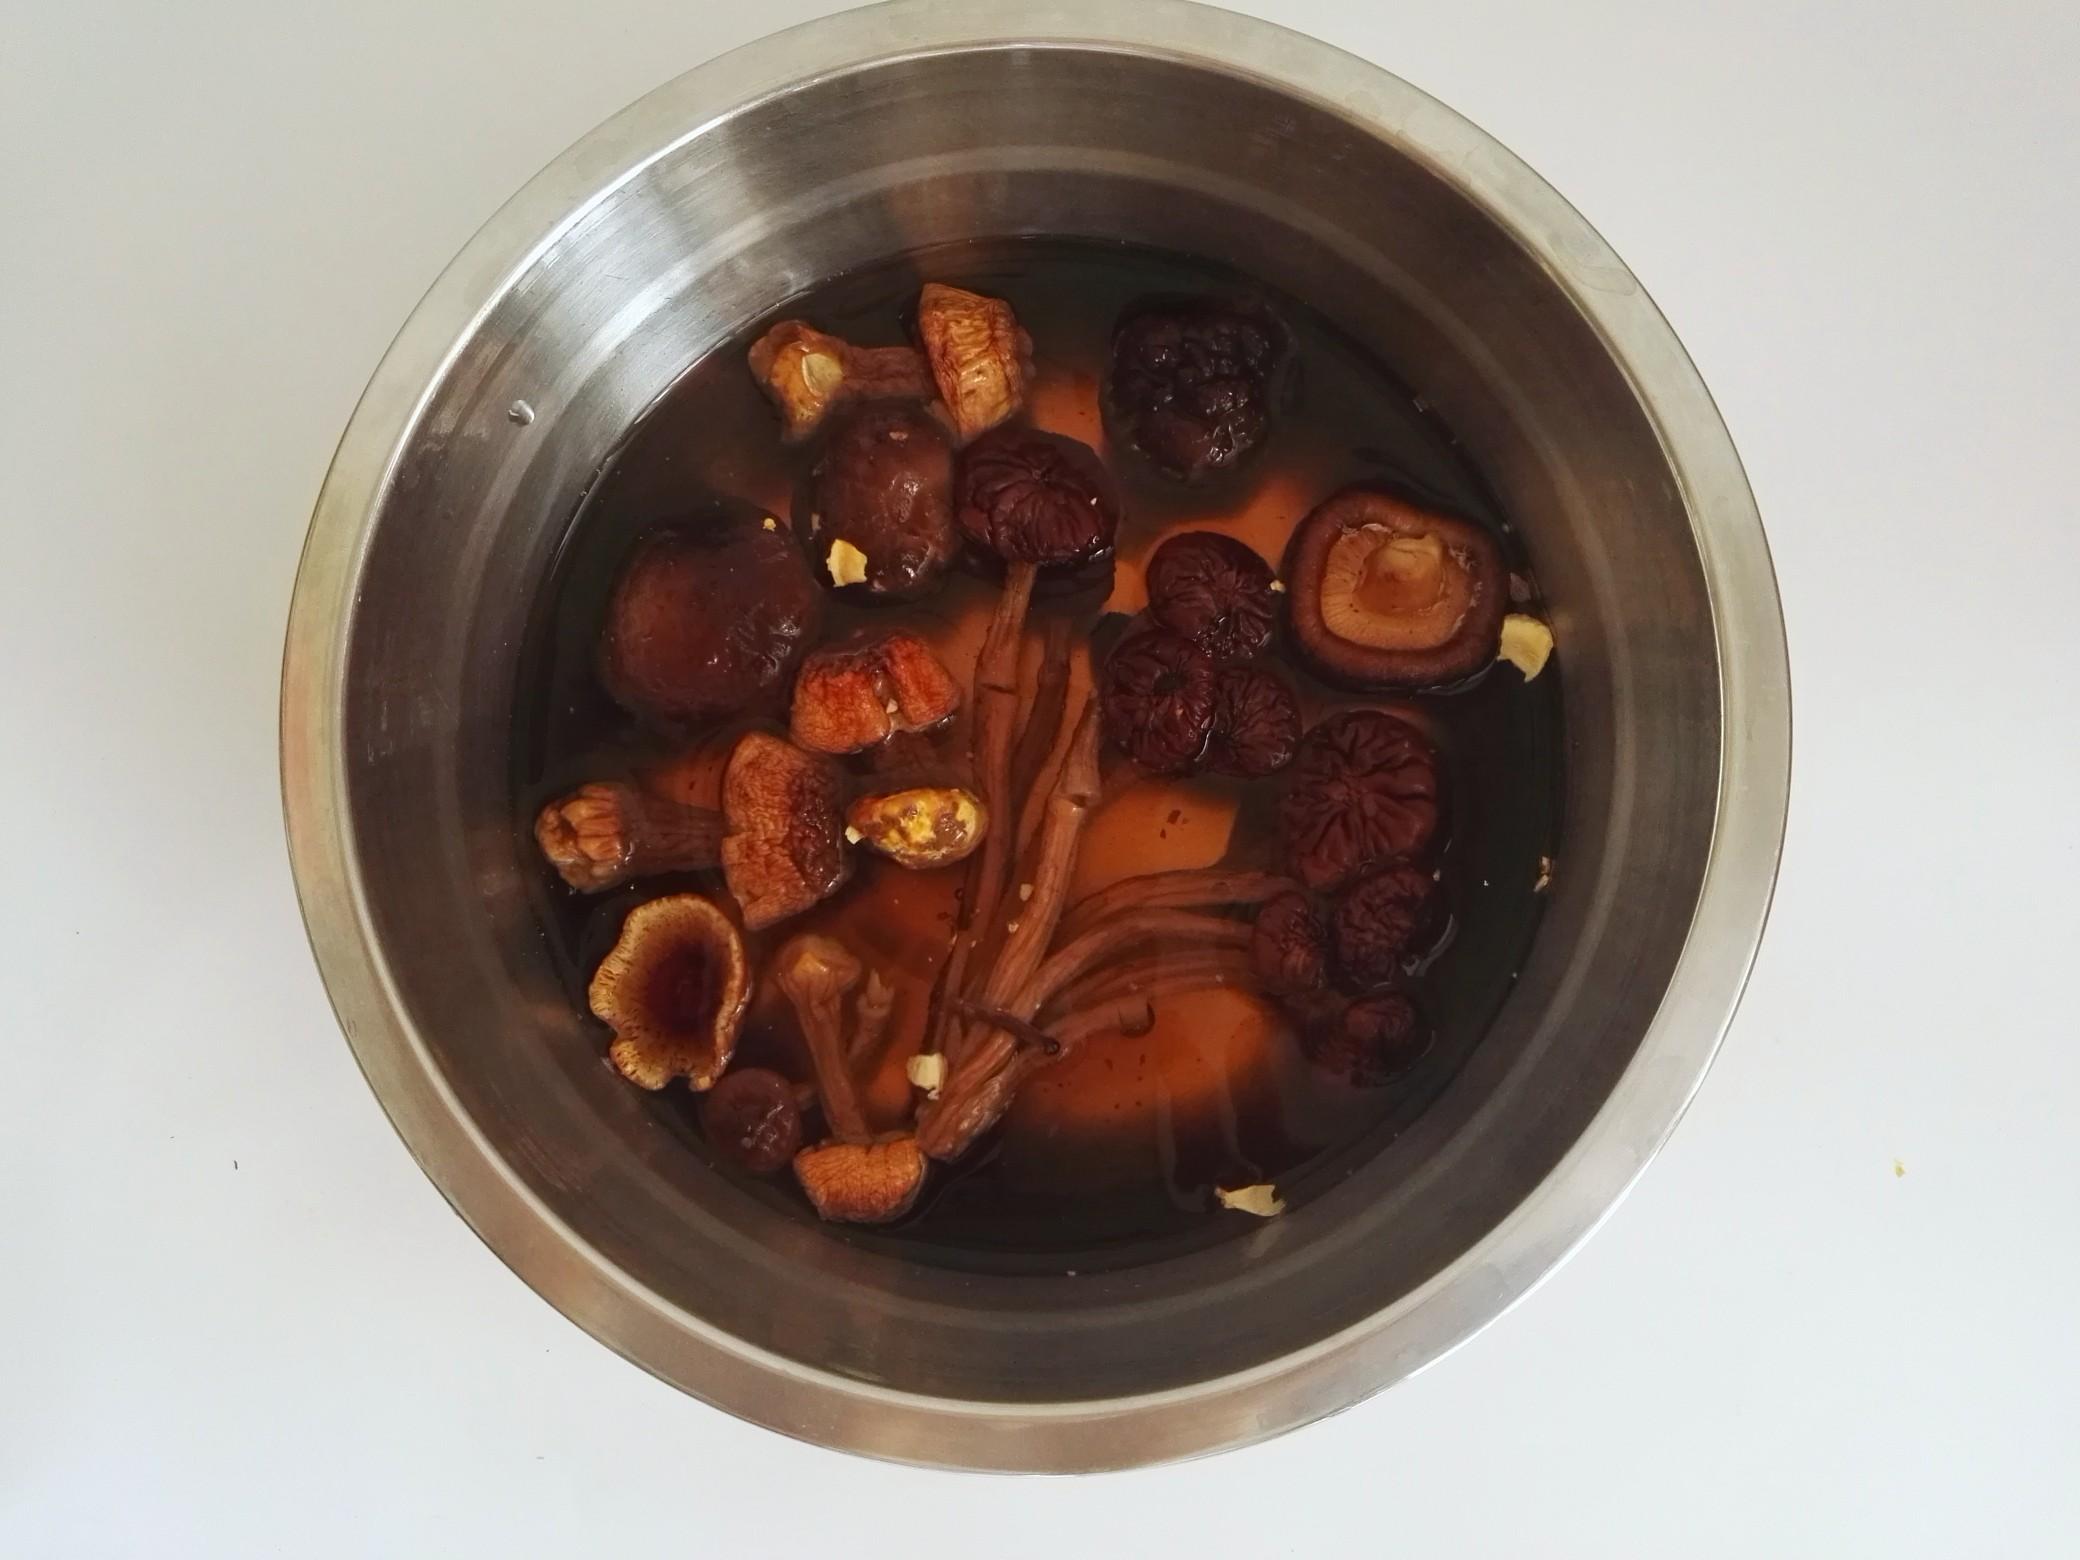 清淡鲜美的猪骨汤,炎炎夏日解馋又清心的做法图解